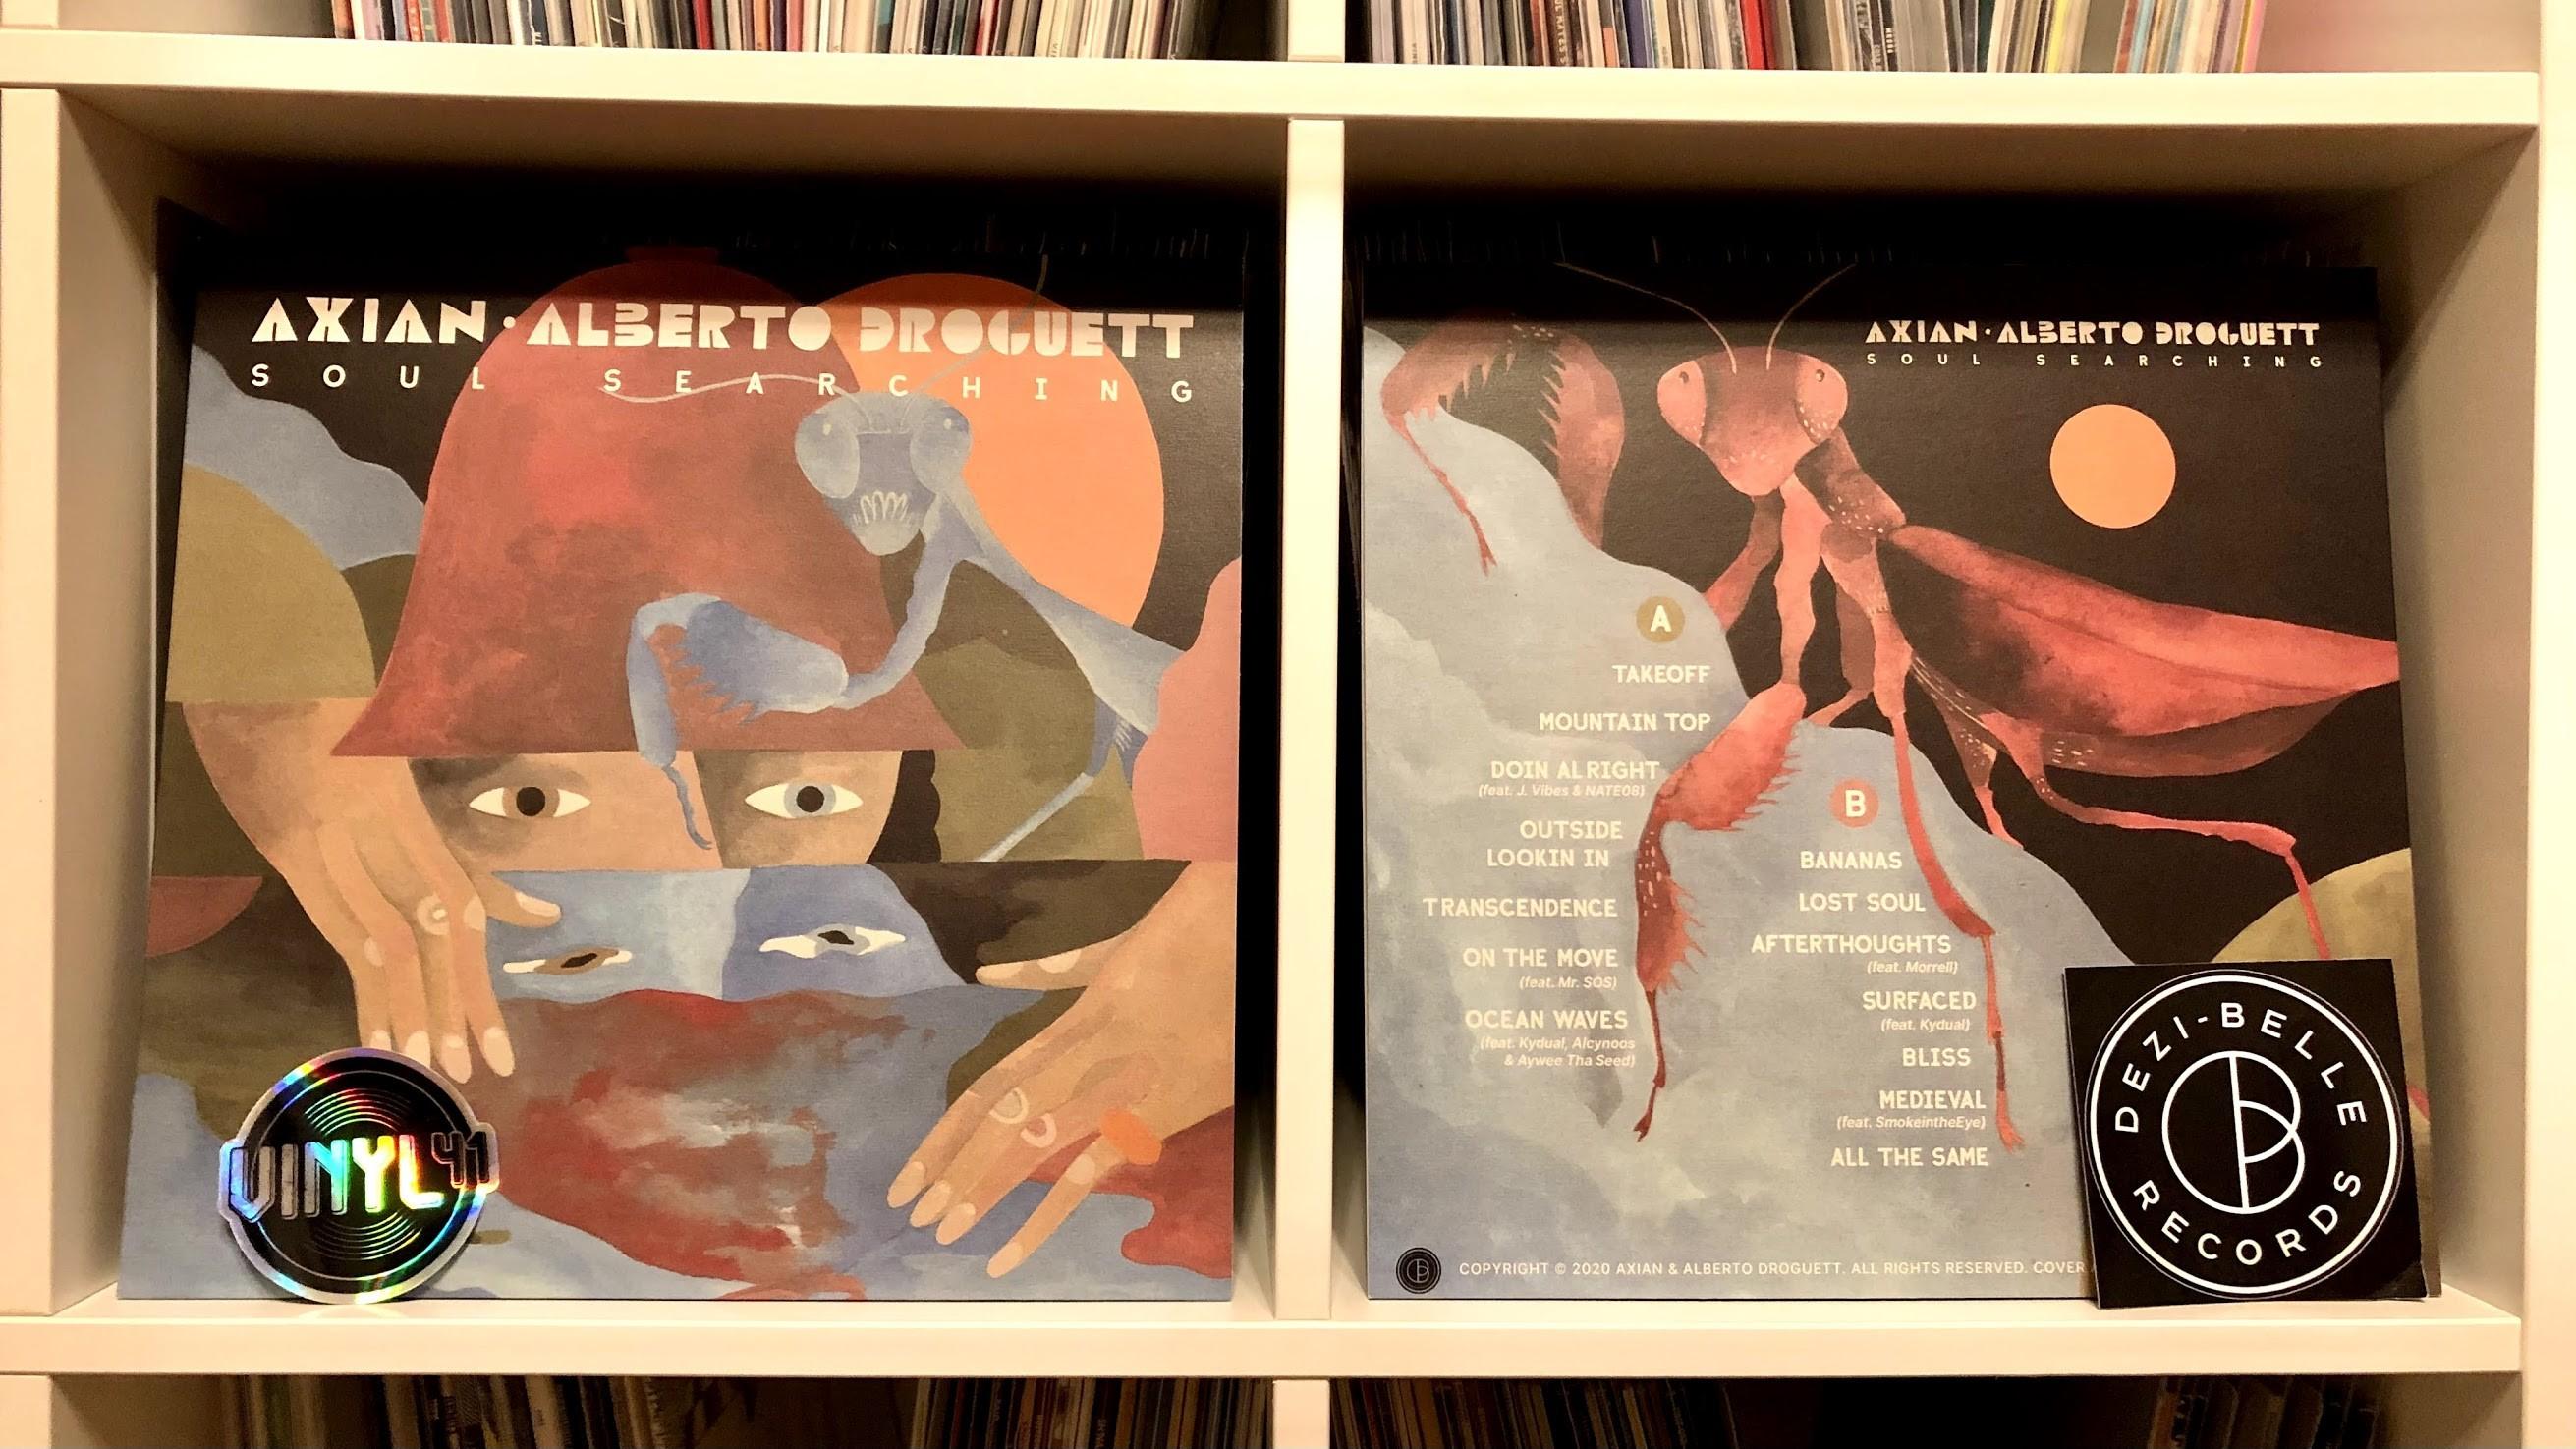 Axian x Alberto Droguett - Soul Searching (Dezi-Belle)